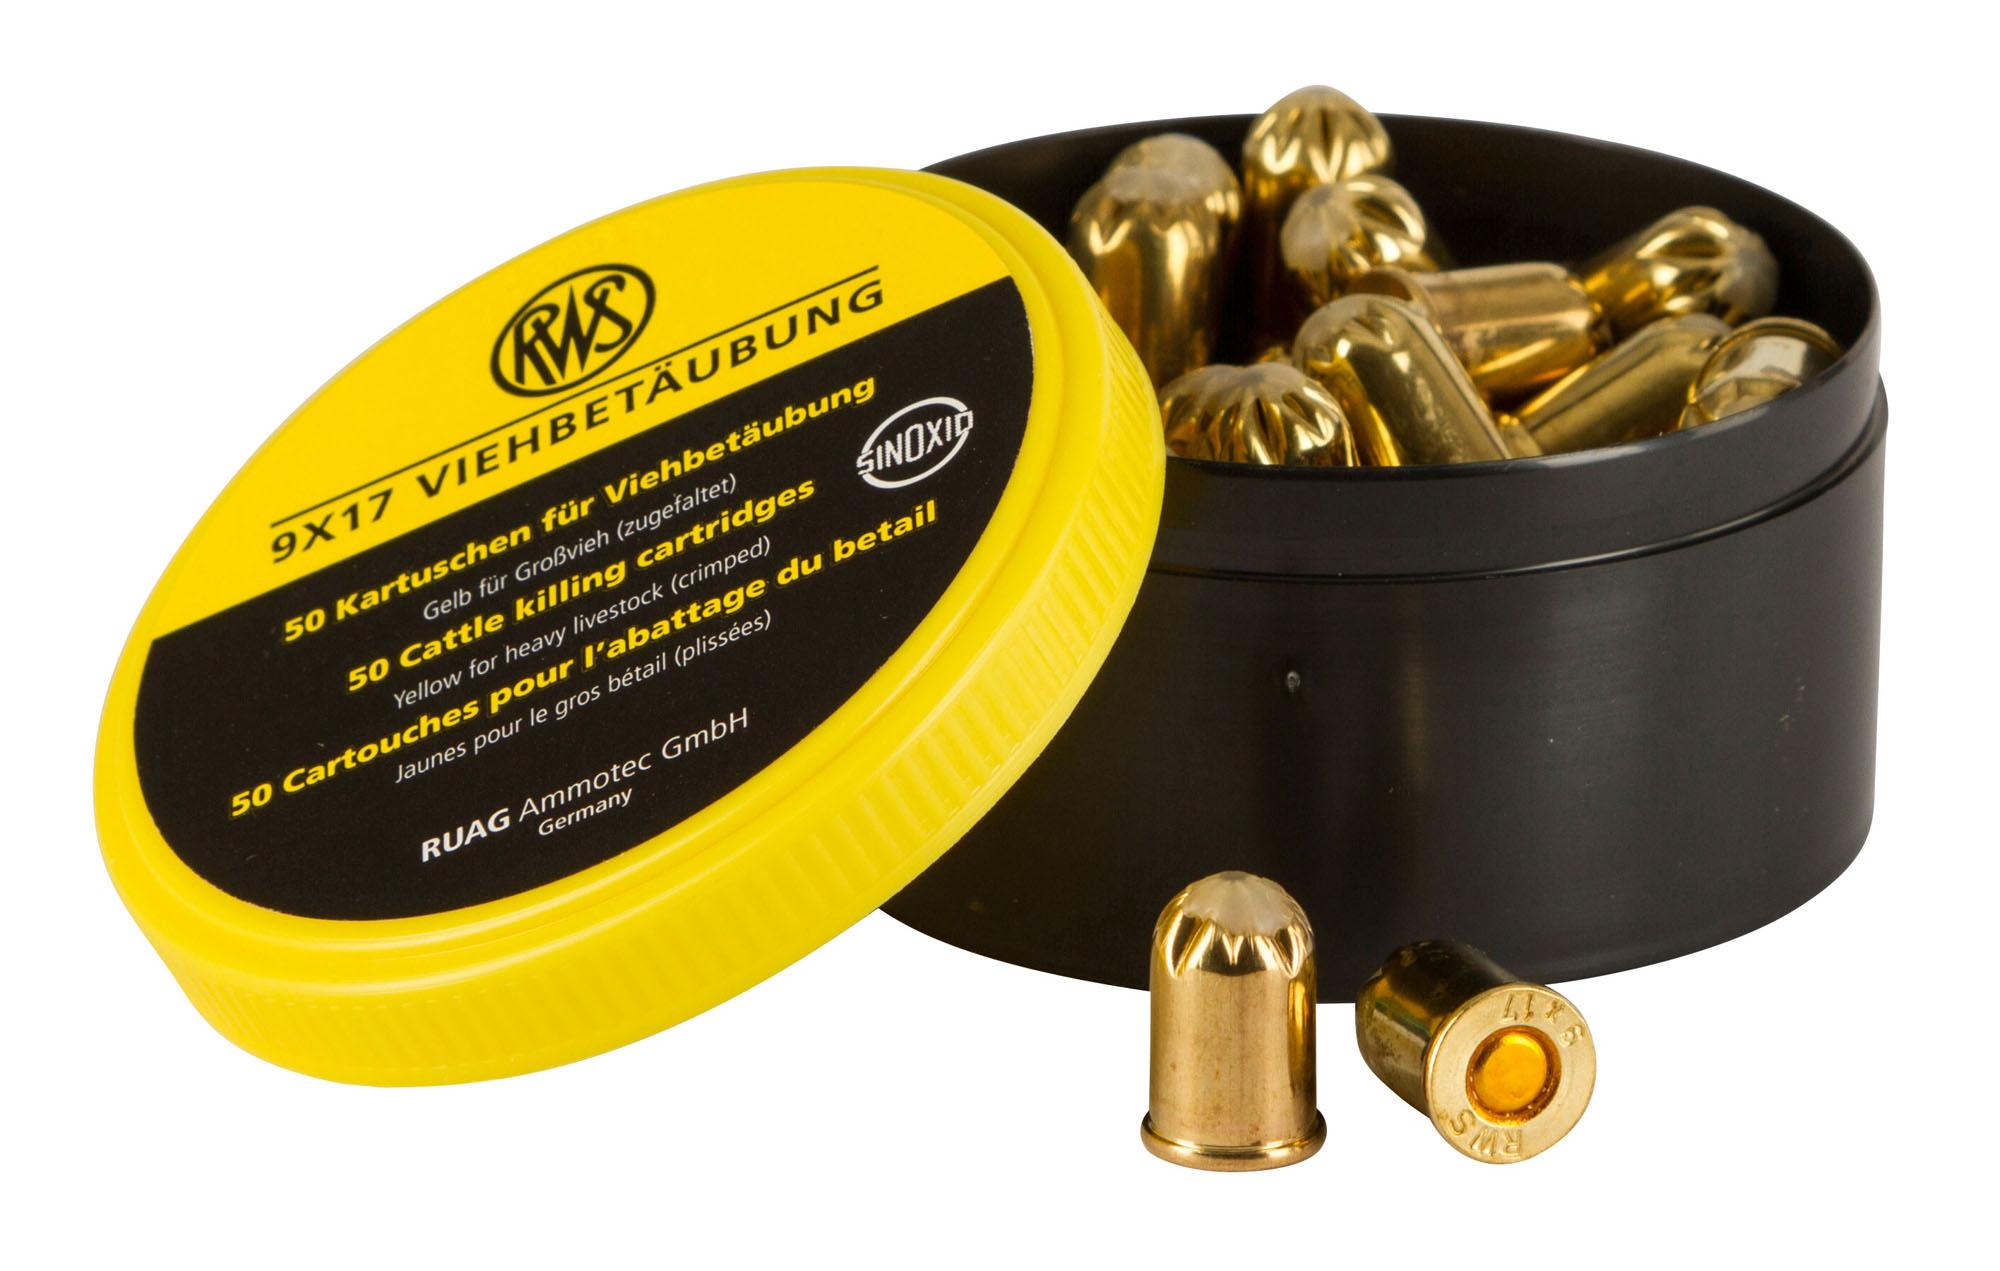 Patronen für 9mm Viehbetäubungsgerät, für leichte Tiere 2390